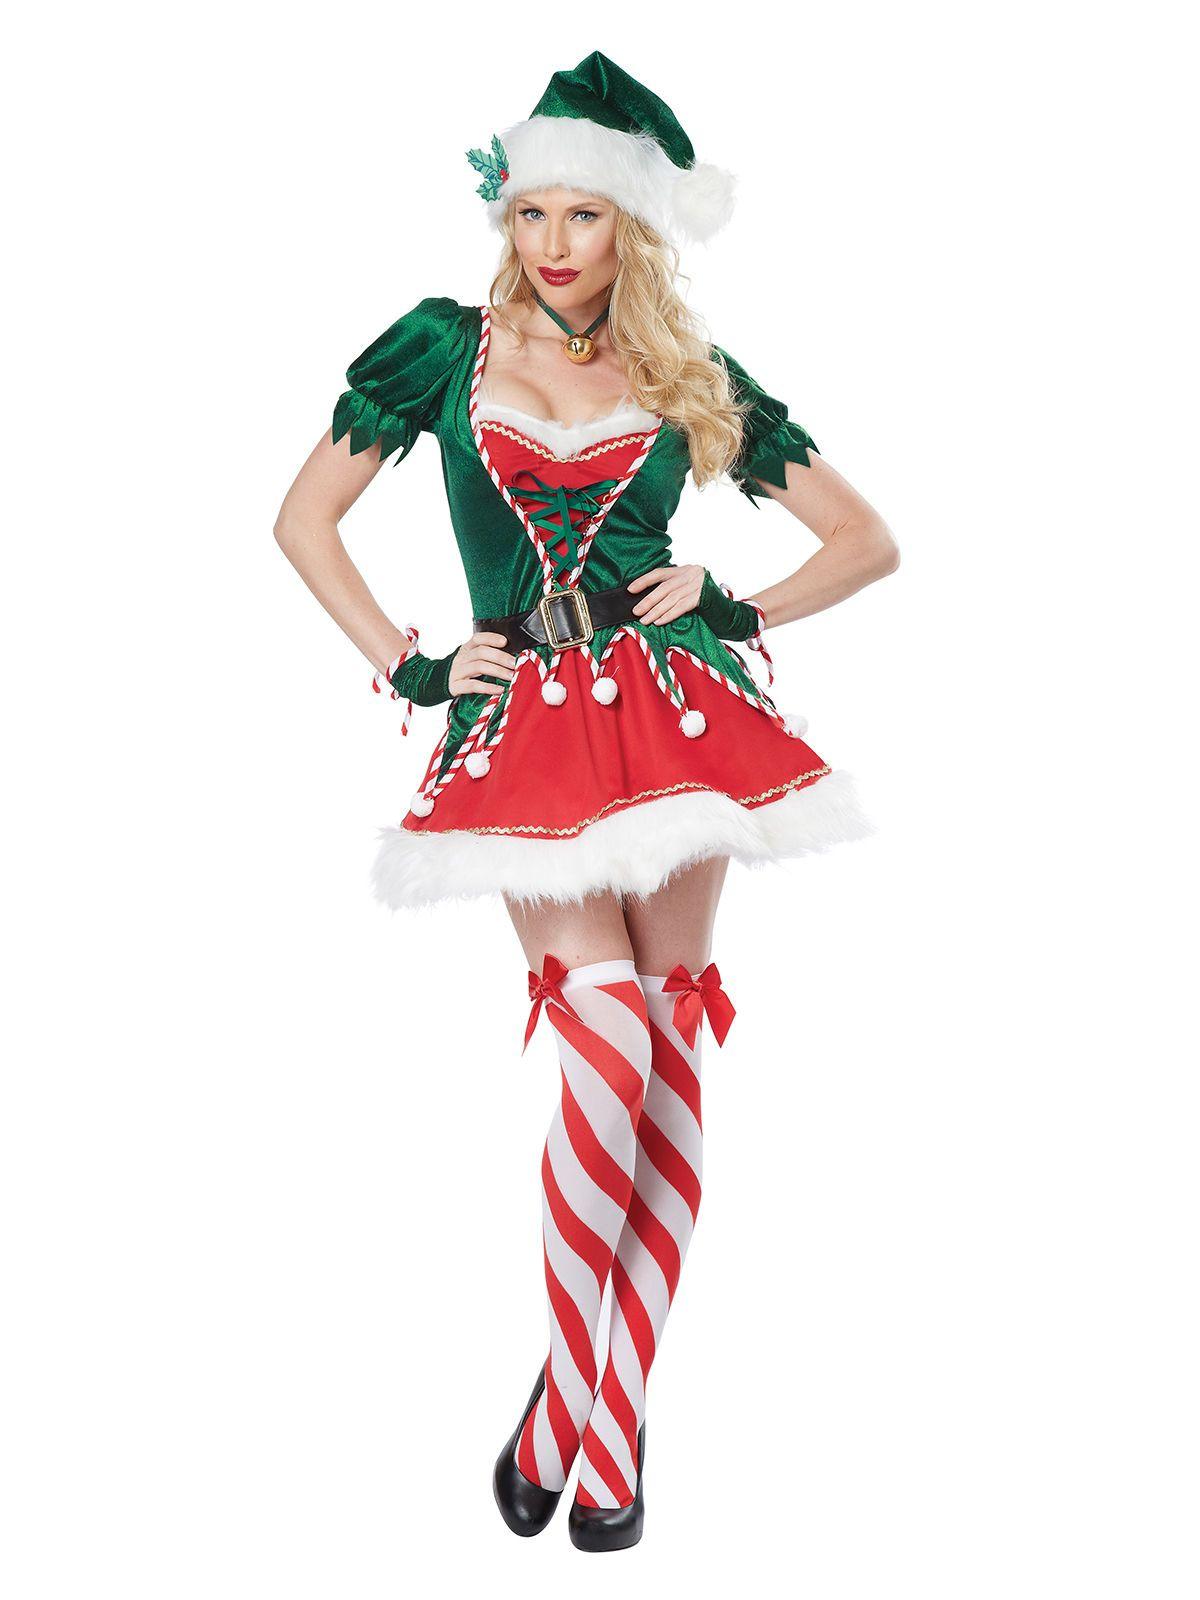 bcbe5d0de0eda Déguisement elfe de Noël sexy femme   Ce déguisement sexy de lutin de Noël  pour femme